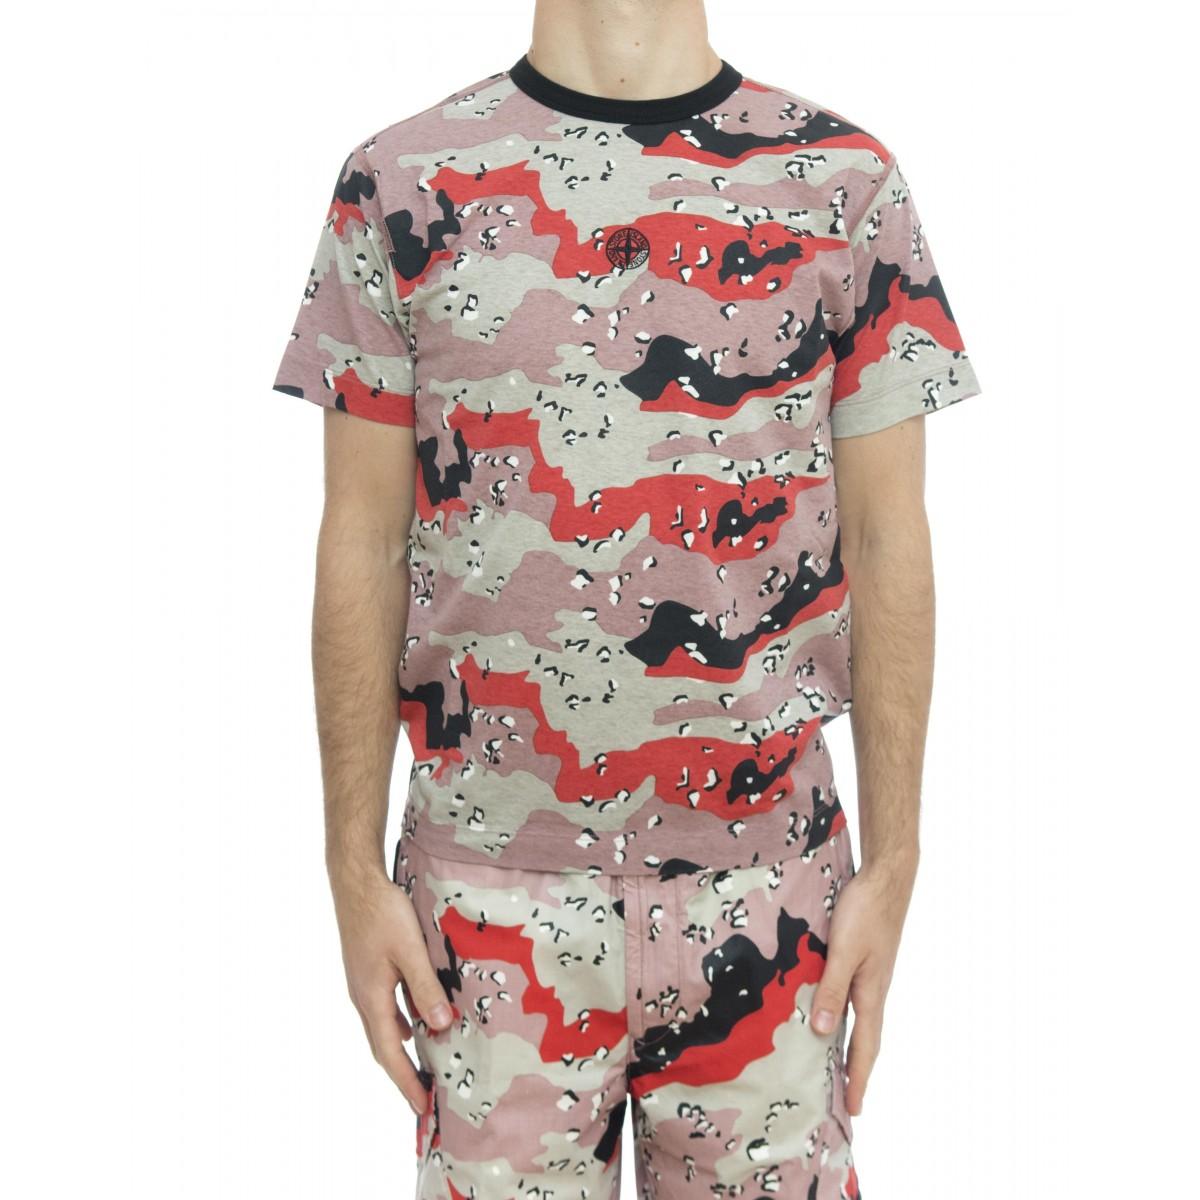 T-shirt - 233e9 t-shirt desert camo